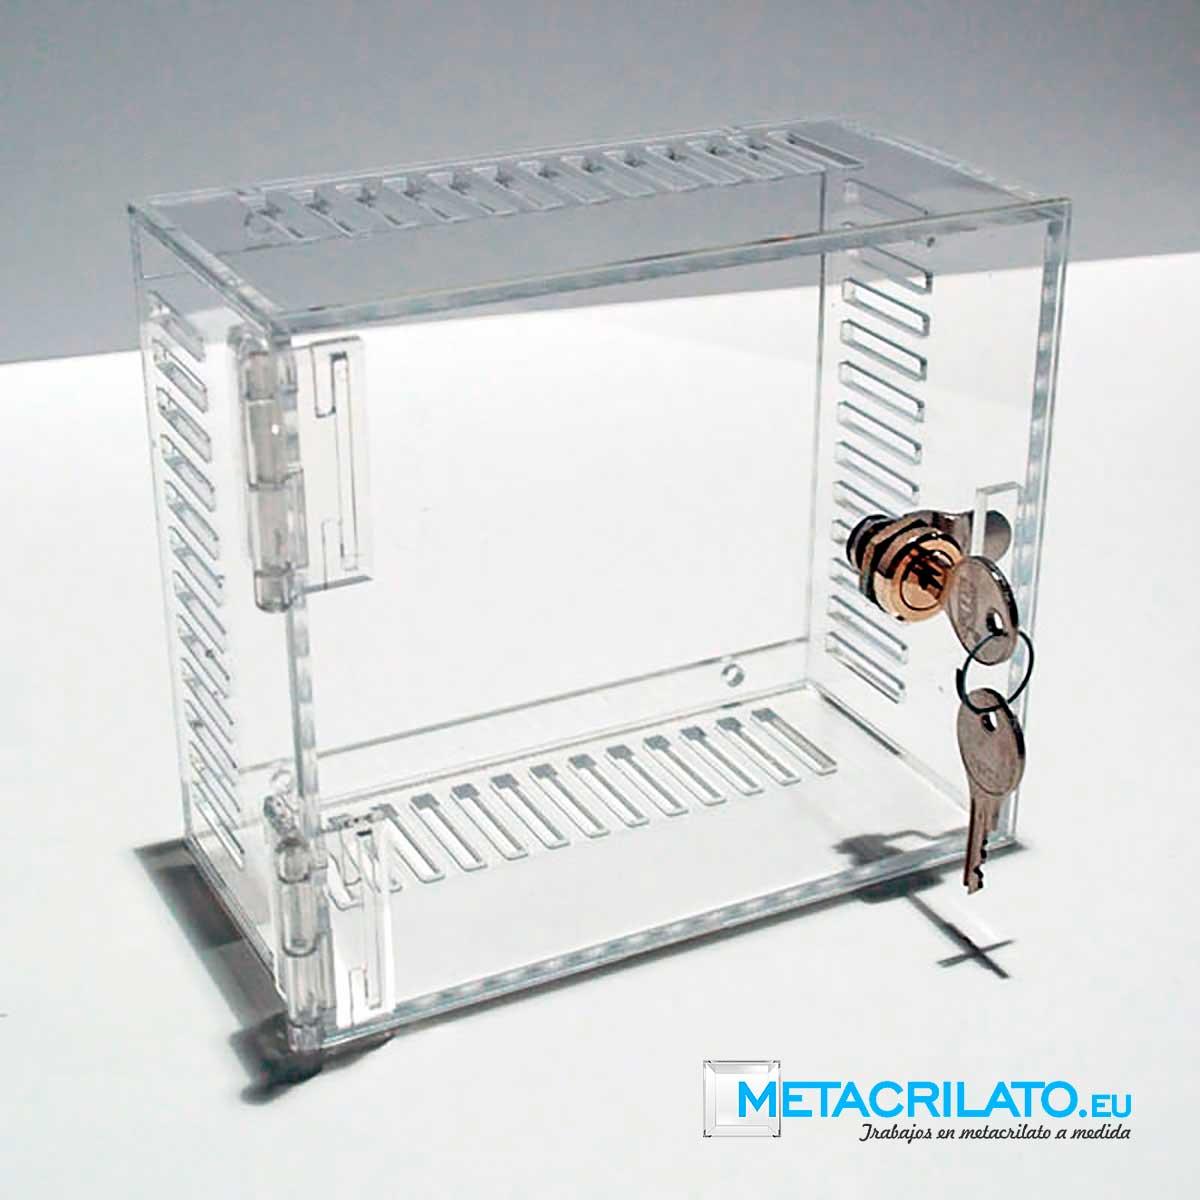 vitrina de metacrilato